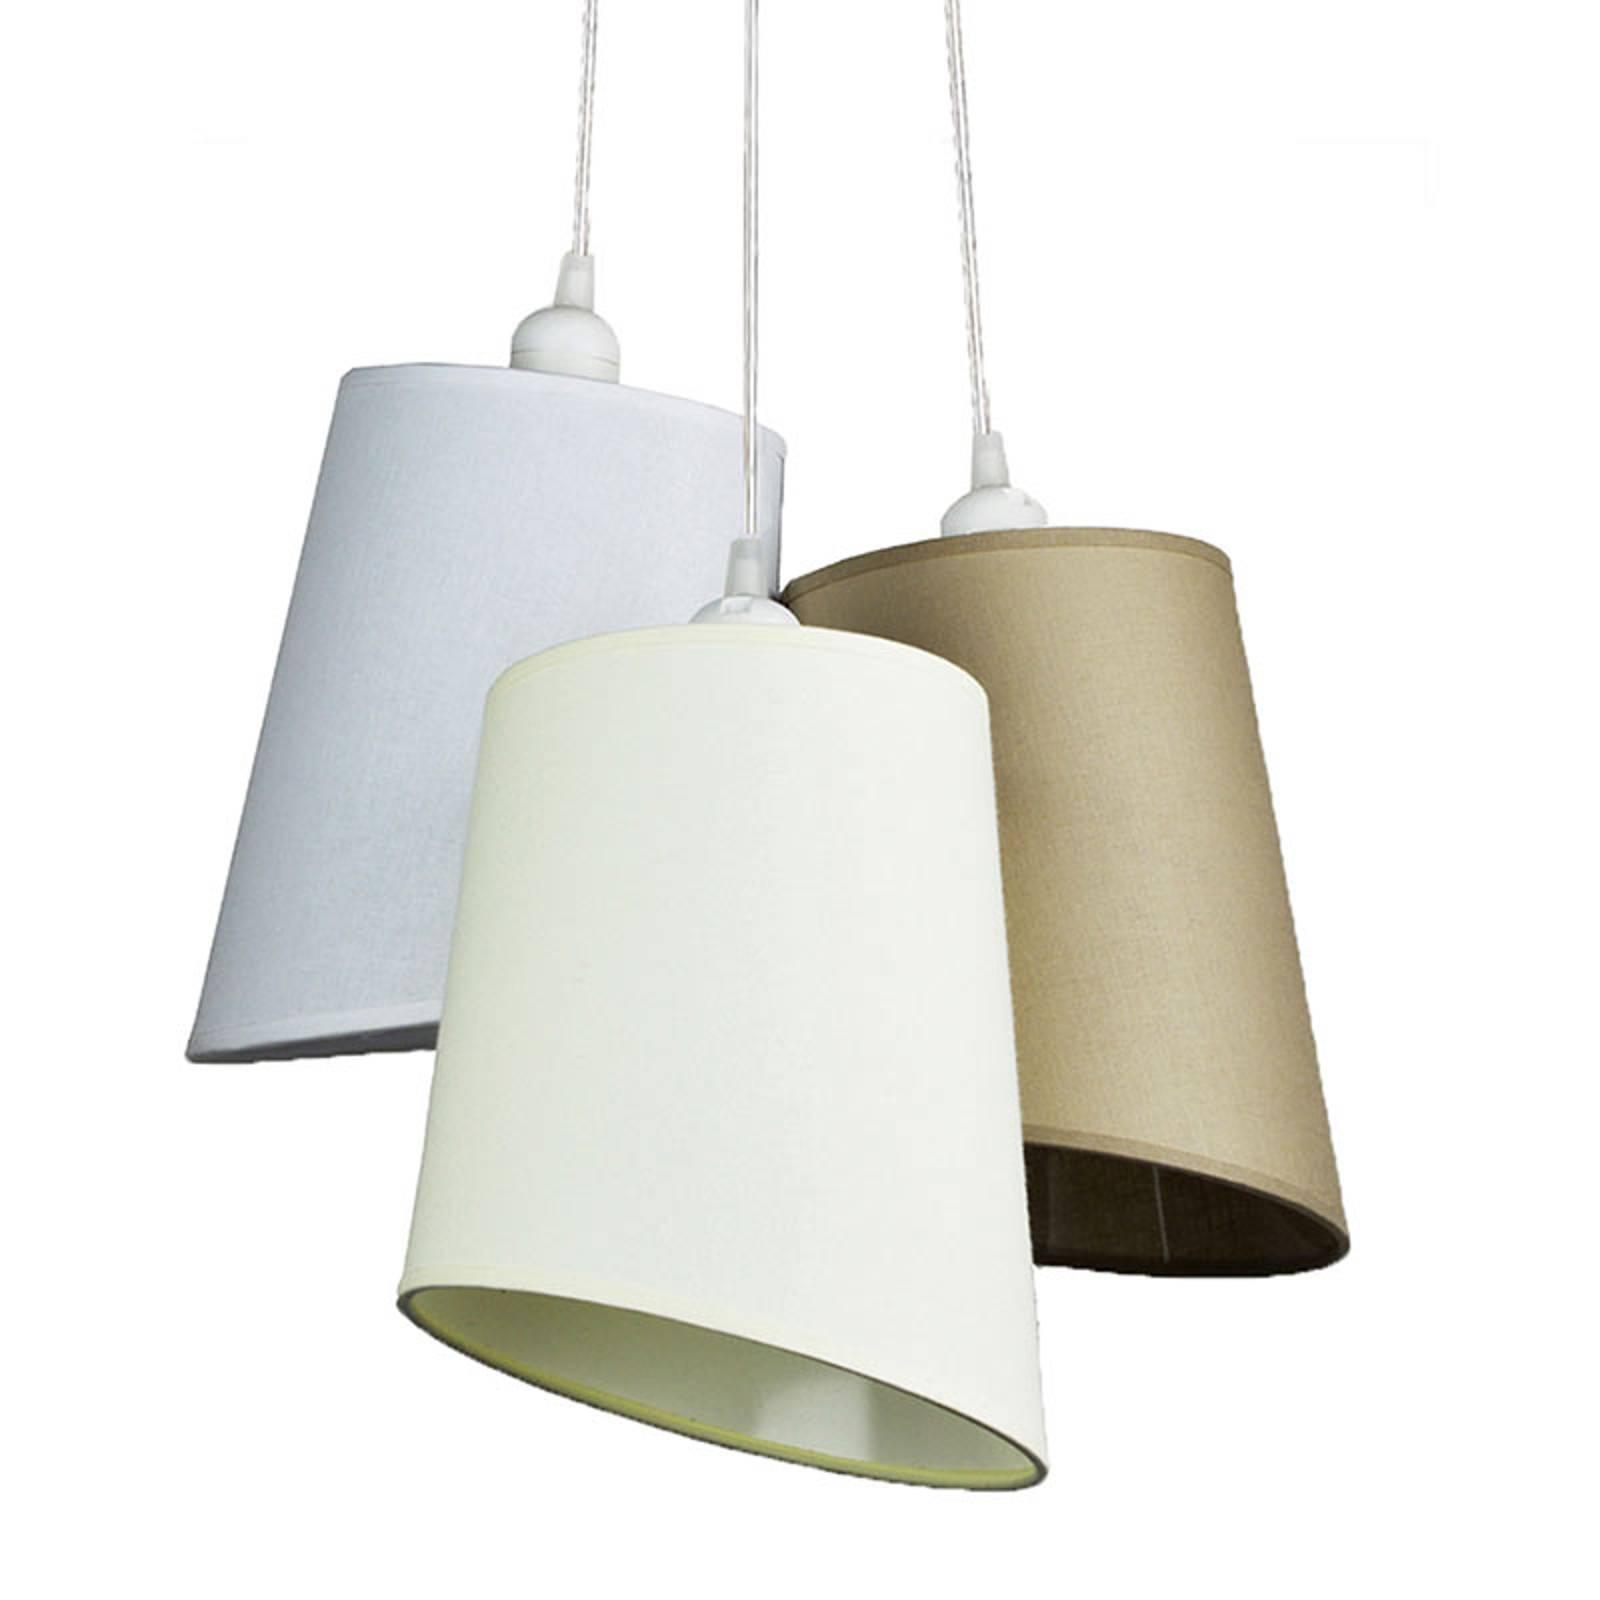 Sospensione Verona 3 luci bianco/écru/beige